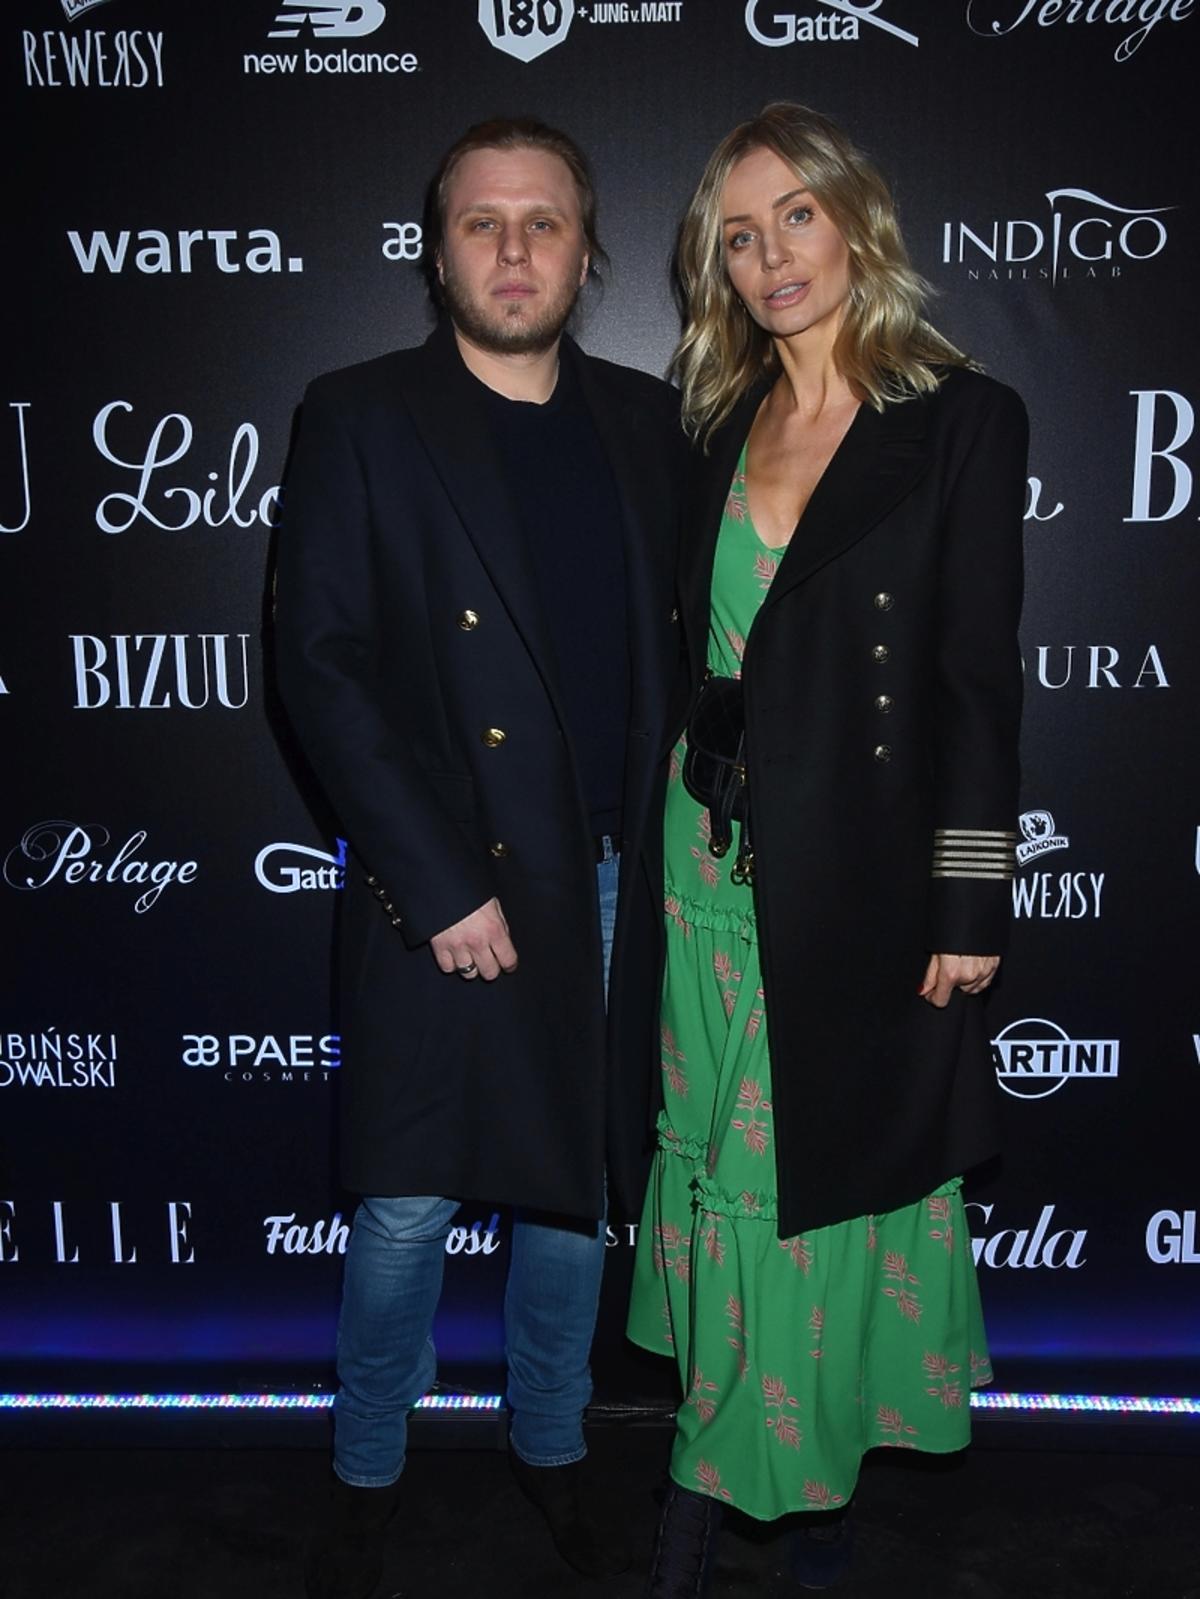 Agnieszka Woźniak Starak z mężem, Piotrem na pokazie bizuu